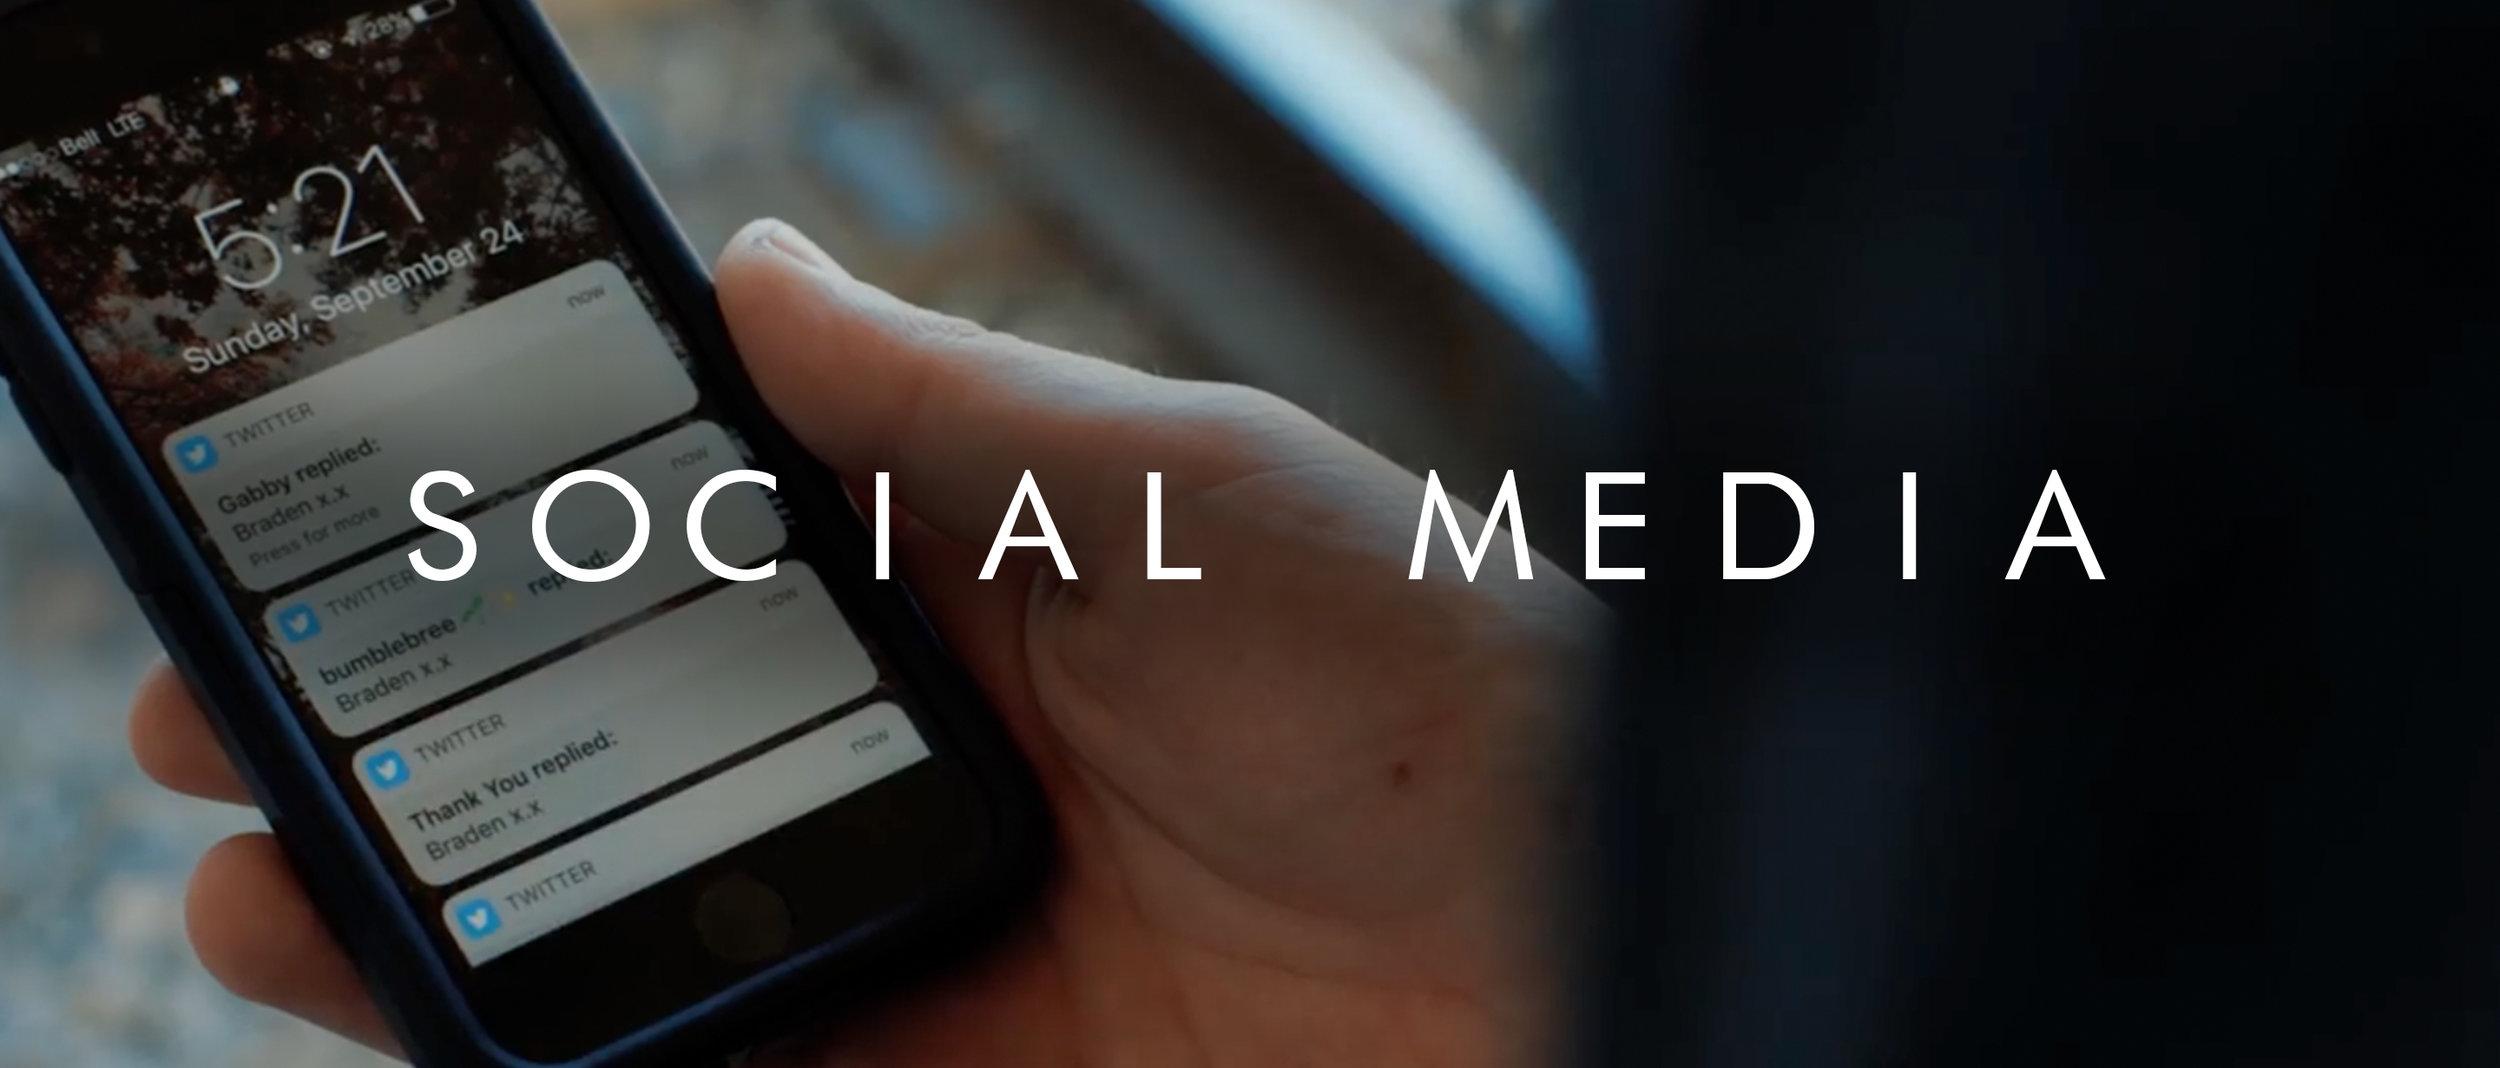 SOCIALSsss.jpg